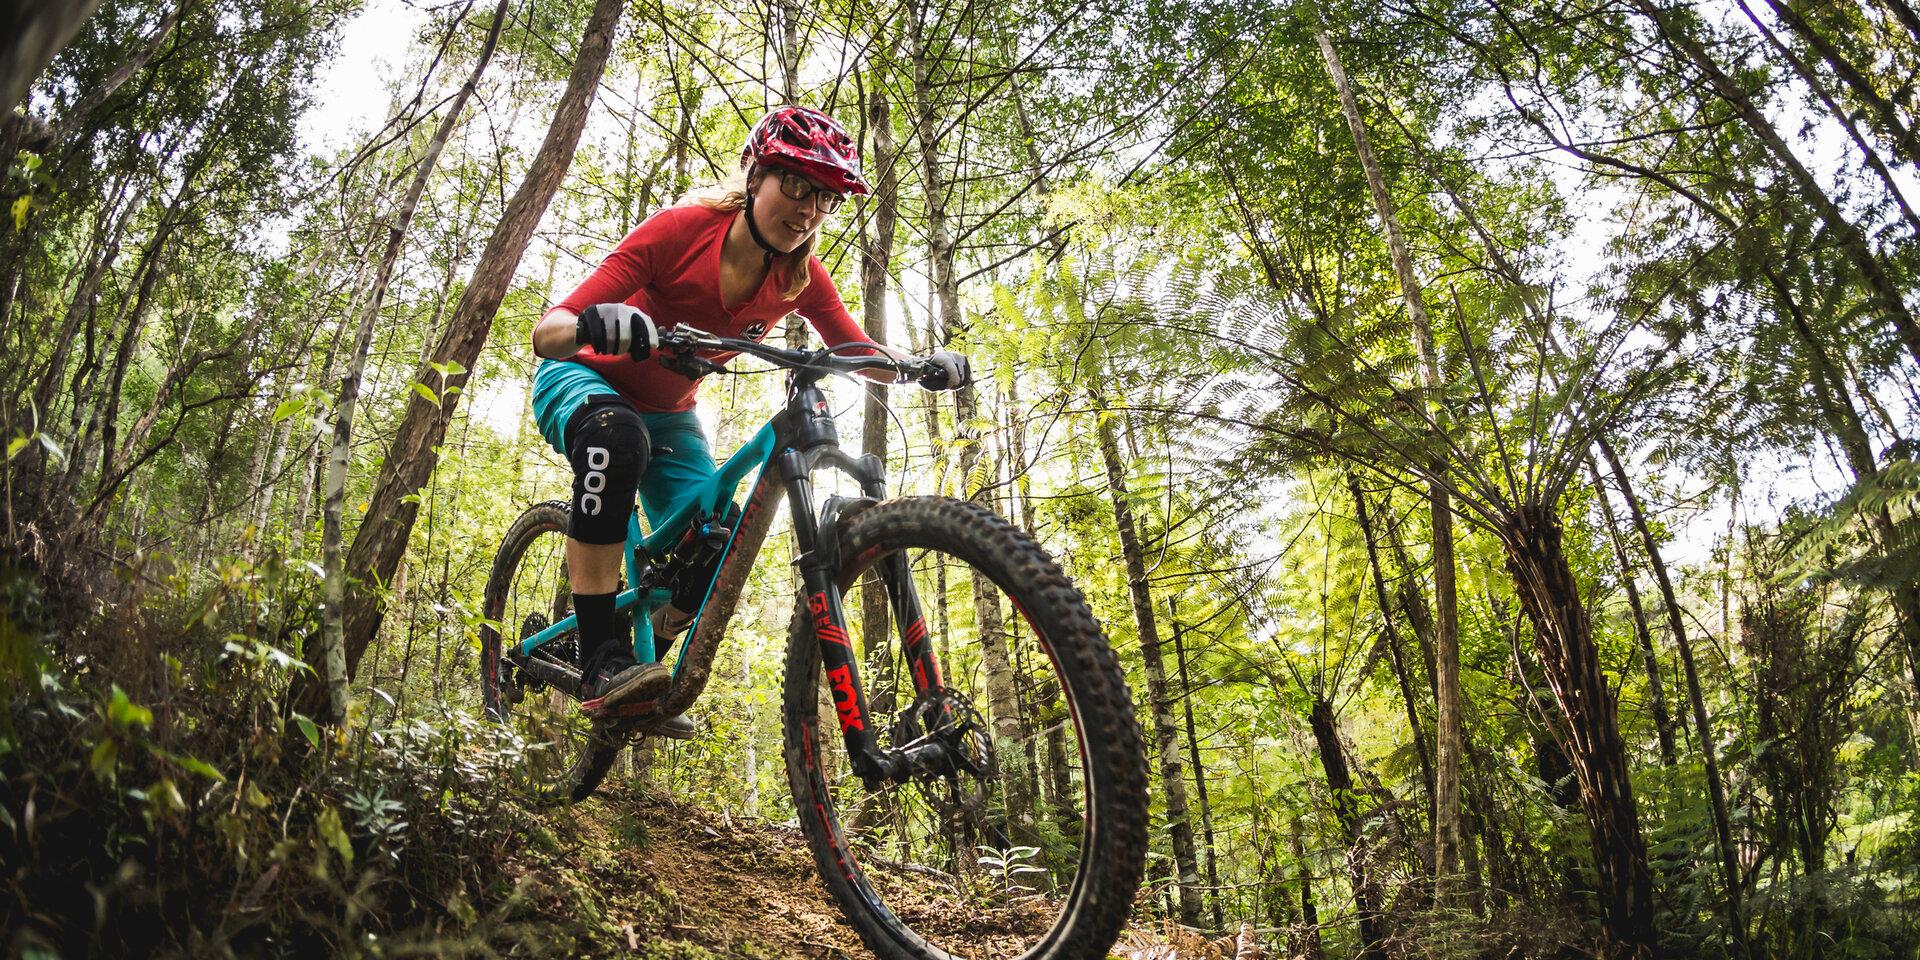 دوچرخه سواری کوهستان، ایده ای شگفت انگیز و جدید